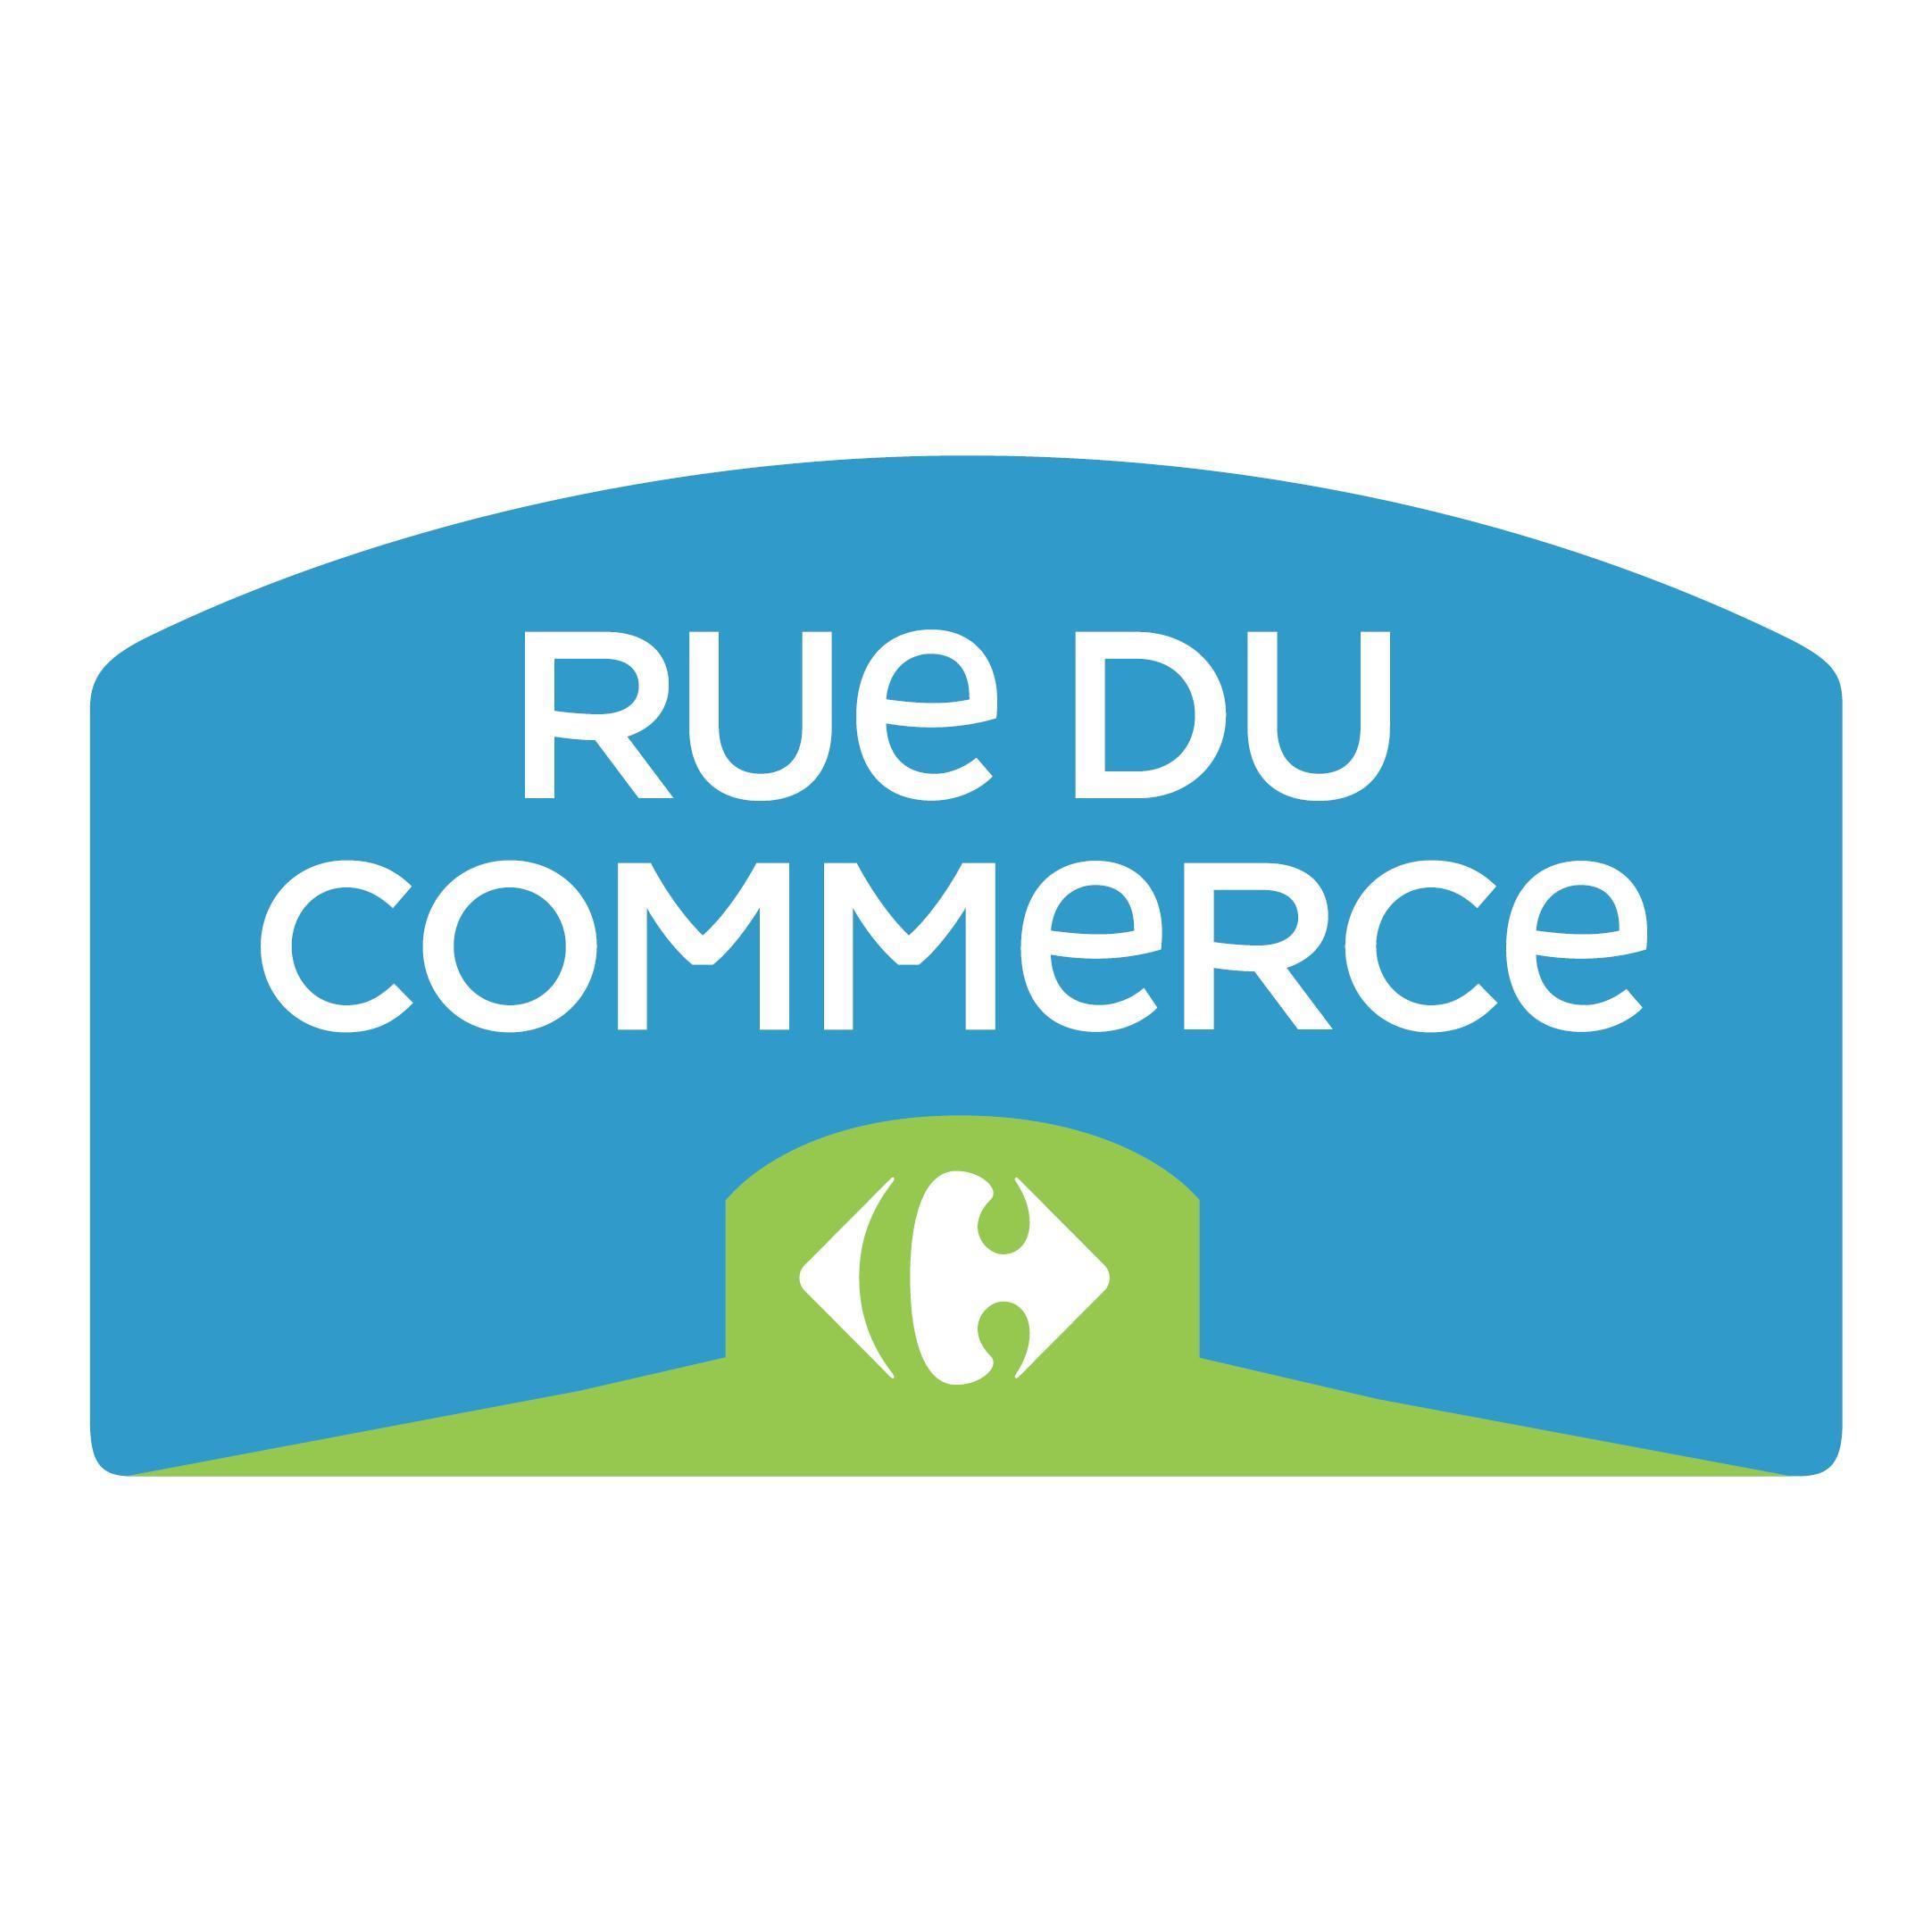 20€ de réduction dès 349€ d'achat, 30€ dès 499€ et 50€ dès 799€ sur tout le site (Marketplace inclus)